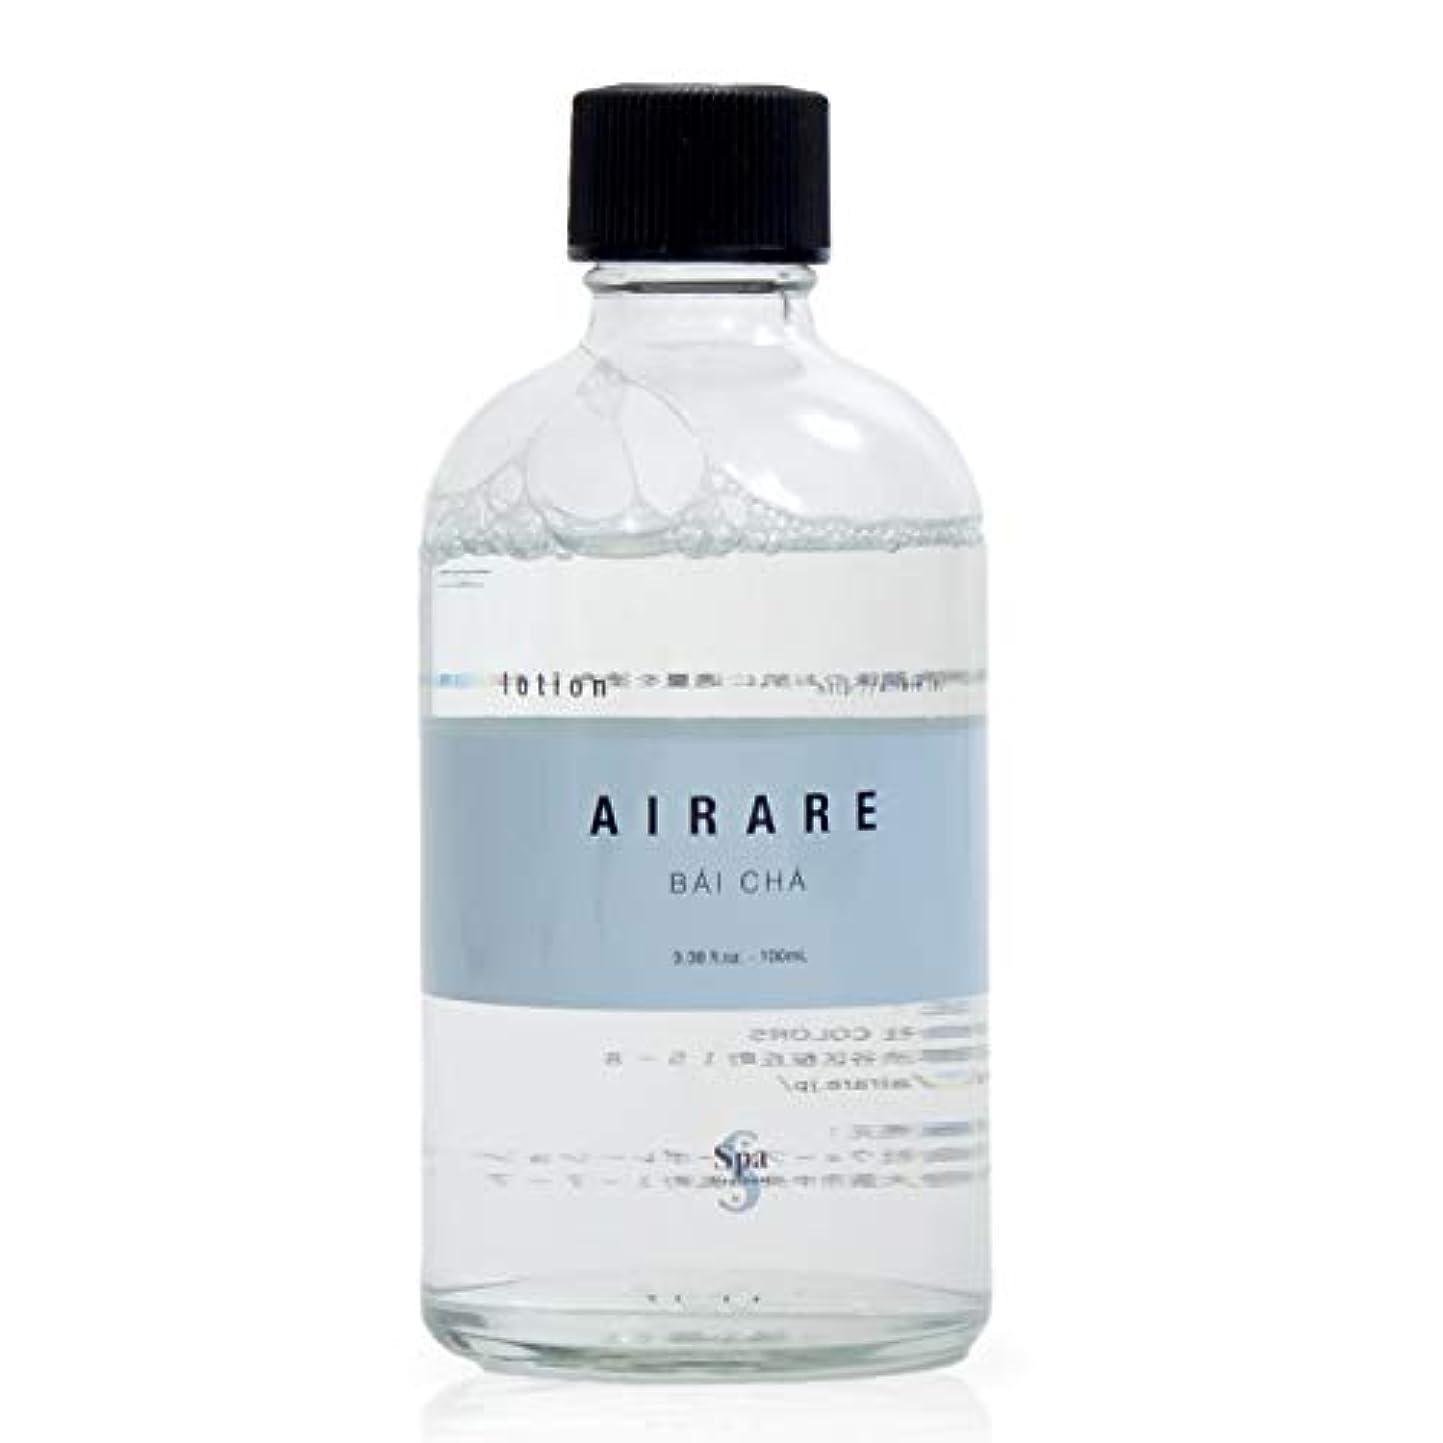 レモン深遠熱アール ローション 化粧水 AIRARE BAICHA 白茶と豊富なアルプスのミネラルを配合